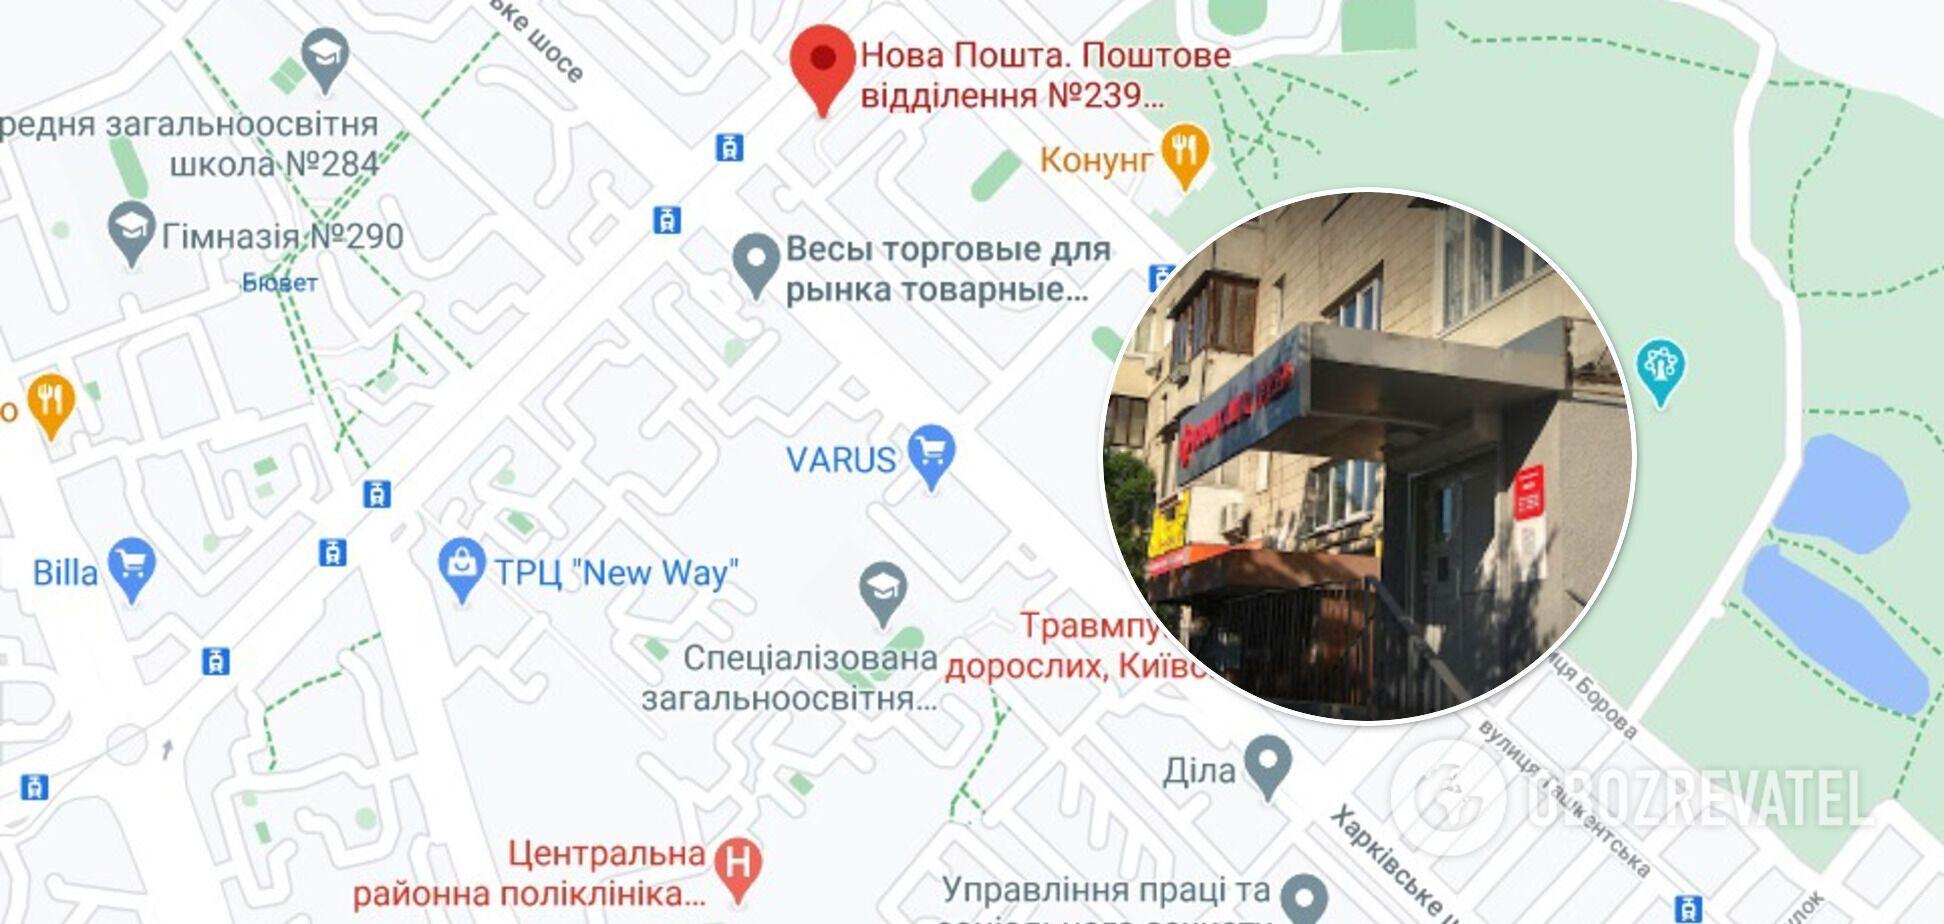 """В отделении """"Новой почты"""" в Киеве произошло разбойное нападение"""